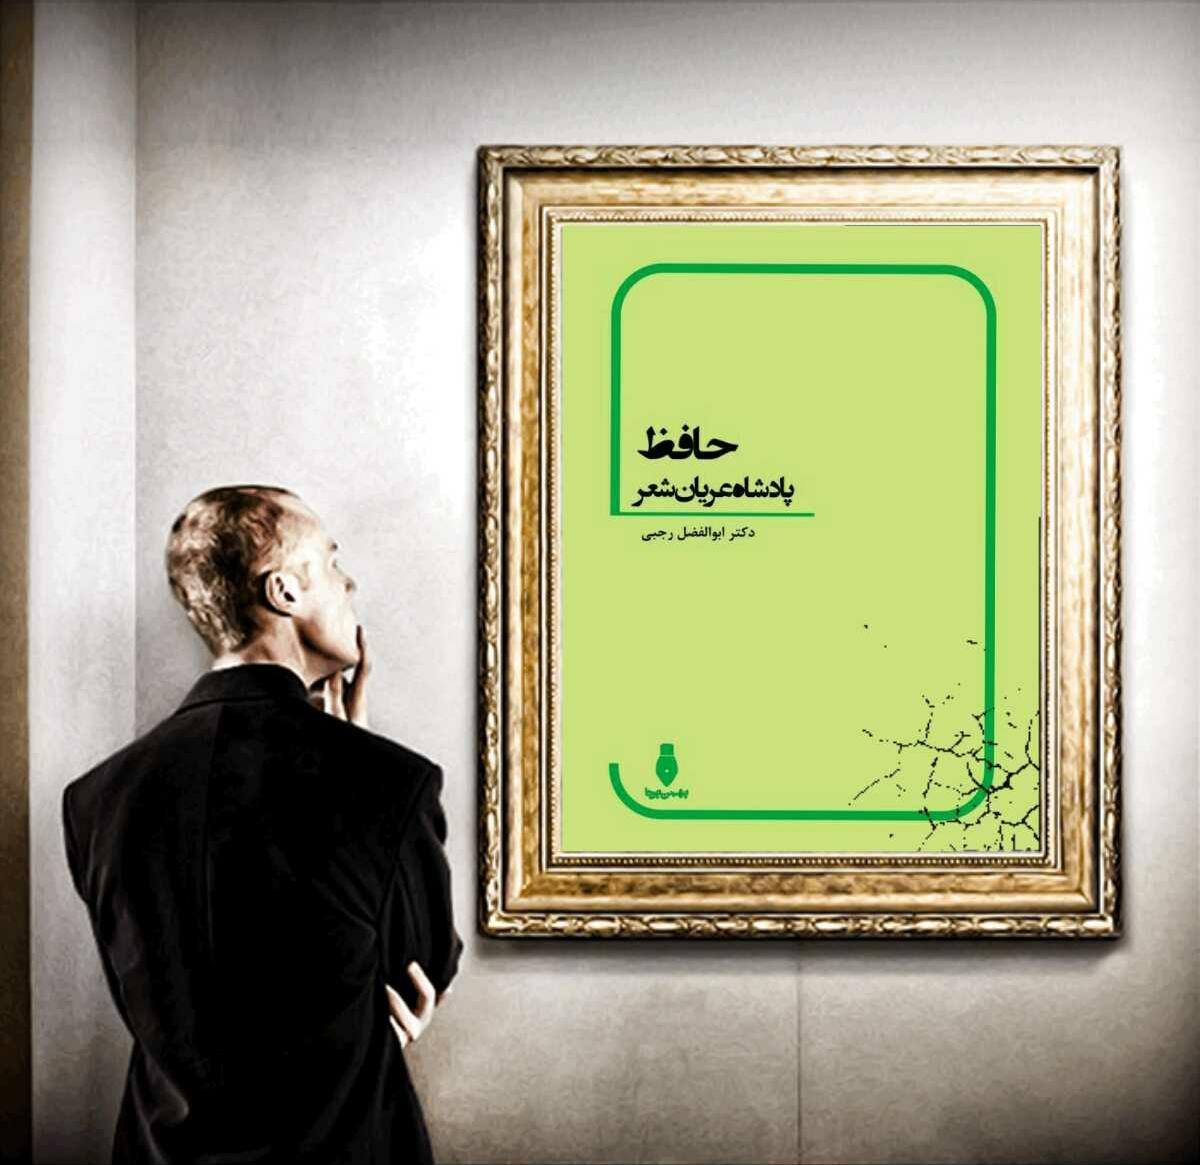 پرده سوم: افسانهسازی، افسانه دوم: ملاقات حافظ و تیمور لنگ (بخش اول)